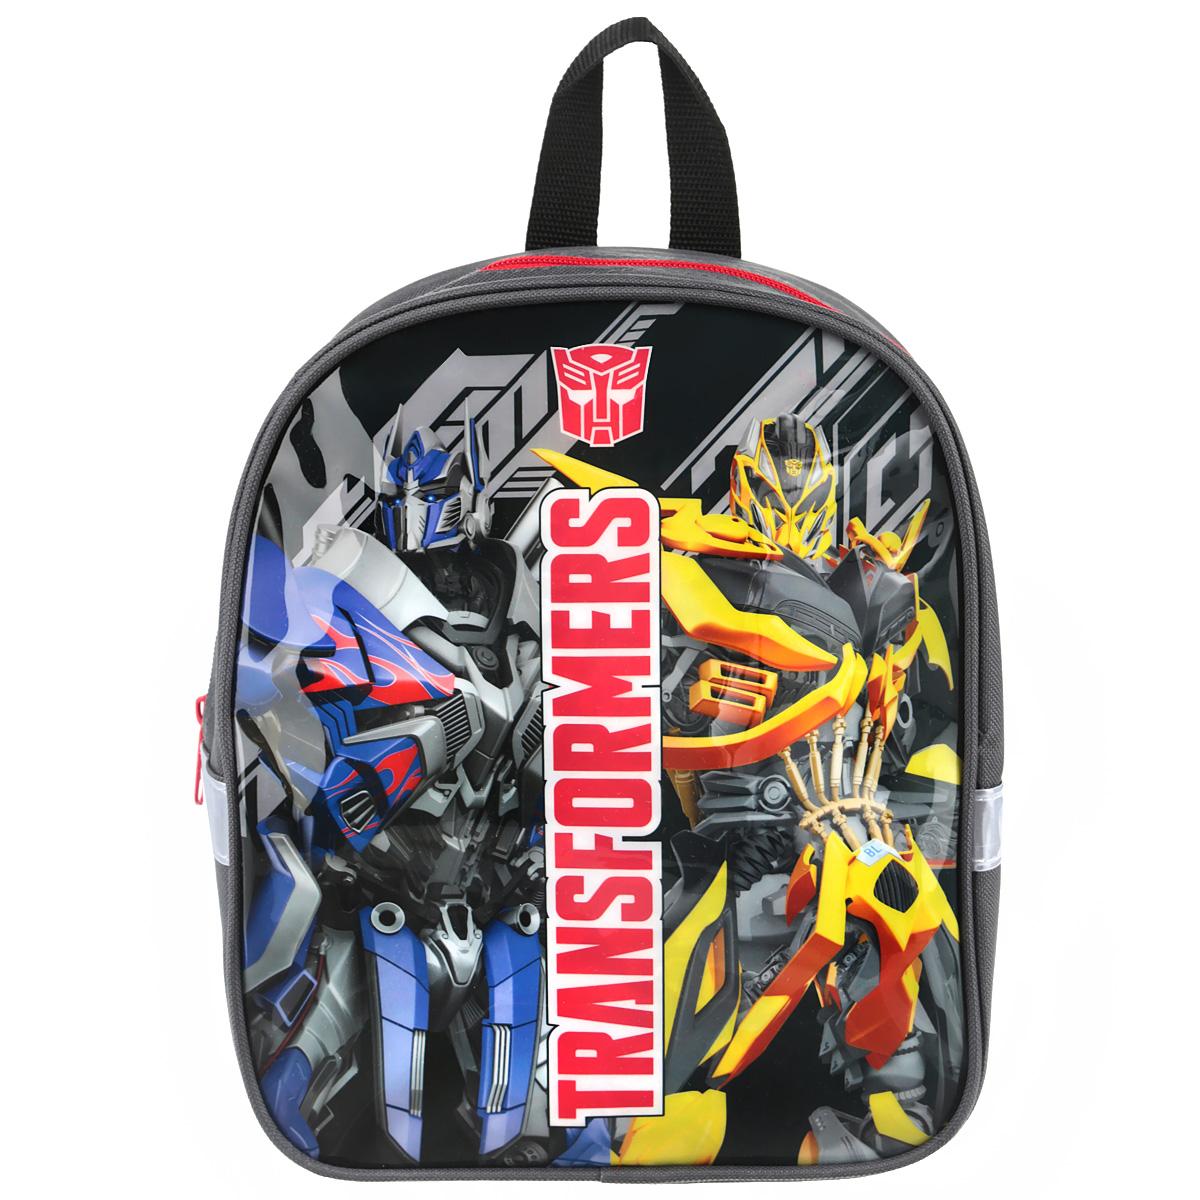 Рюкзак детский Transformers Prime, цвет: серый72523WDРюкзак детский Transformers Prime выполнен из прочного водоотталкивающего полиэстера с глянцевым рисунком трансформеров. Рюкзак содержит одно вместительное отделение, закрывающееся на застежку-молнию.Широкие мягкие лямки, регулируются по длине, равномерно распределяют нагрузку на плечевой пояс. Рюкзак оснащен светоотражателями и текстильной ручкой для переноски в руке. С модным рюкзаком Transformers ваш малыш будет звездой! Стильный и продуманный до мелочей рюкзак позаботится о том, чтобы учеба доставляла ребенку только удовольствие.